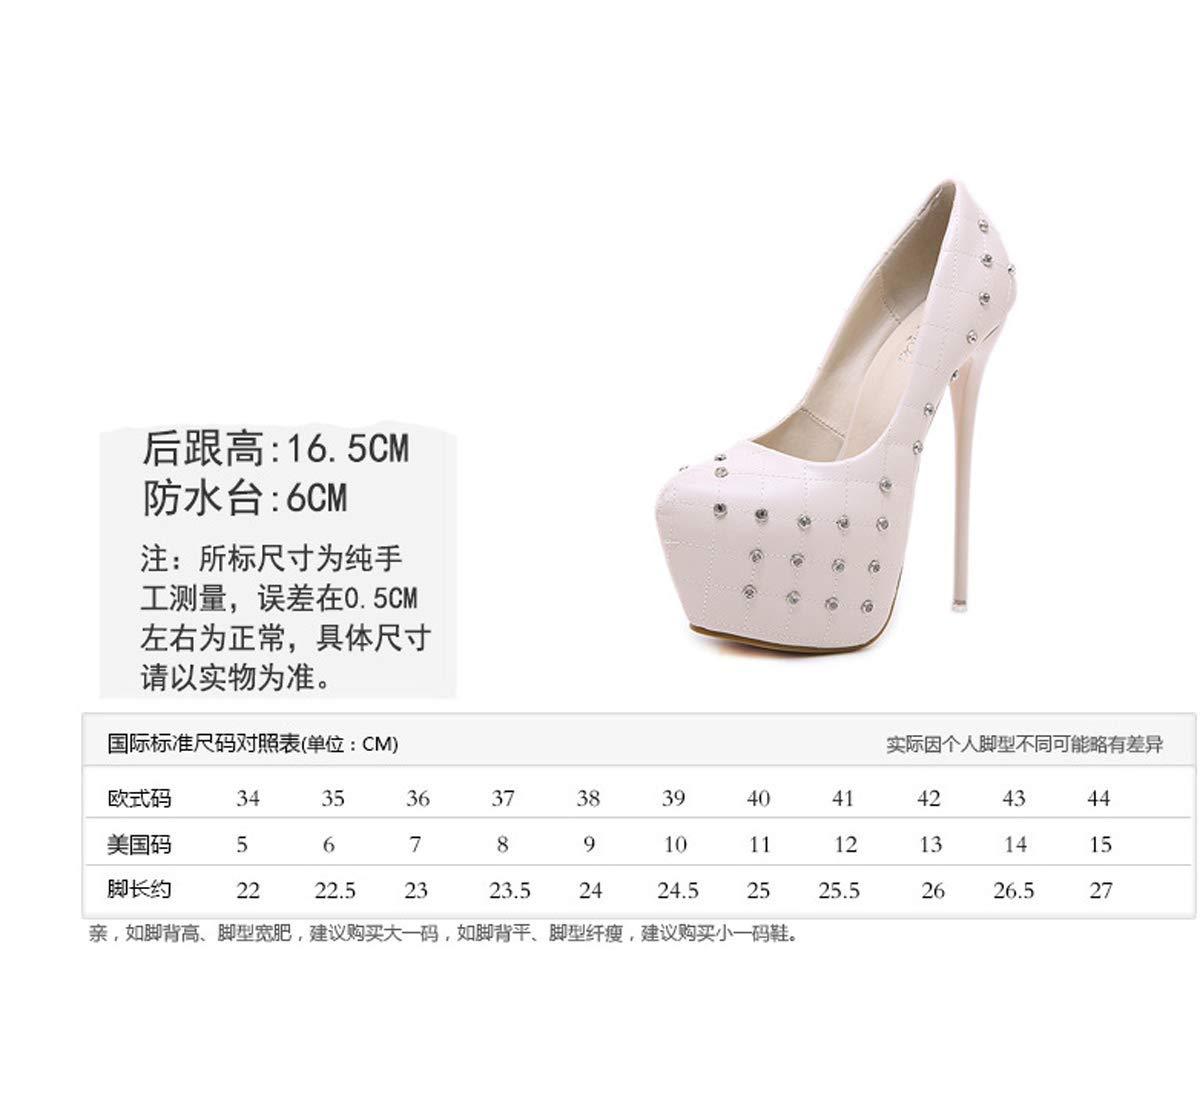 HBDLH Damenschuhe/Wasserdichte Plattform Damenschuhe Herbst Und Winter Flachen Mund Gut Bei Fuß Überschuhe Einzelne Schuhe